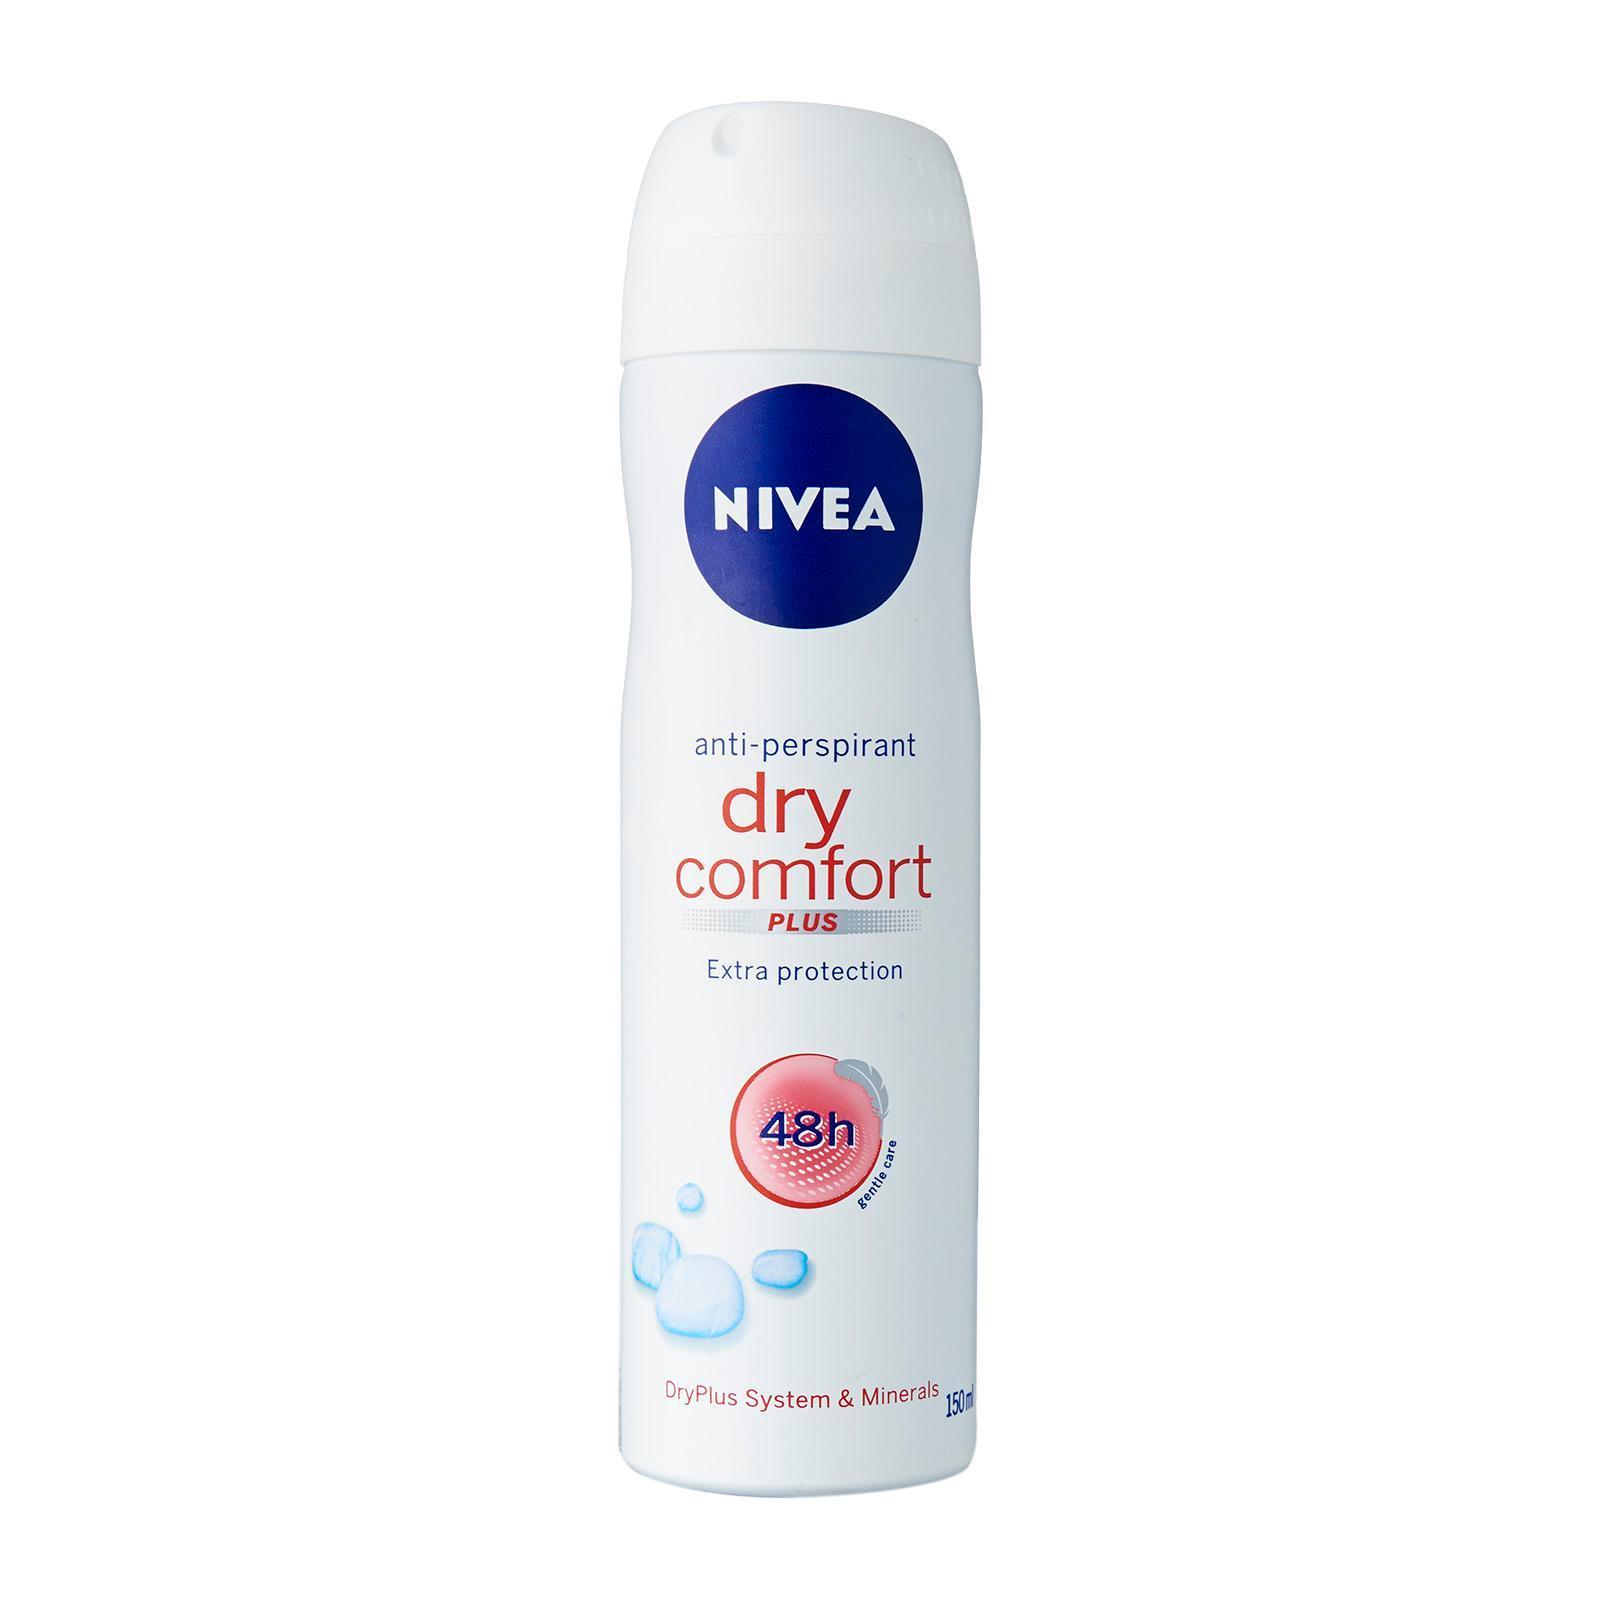 Nivea Dry Comfort Anti-perspirant, 150ml